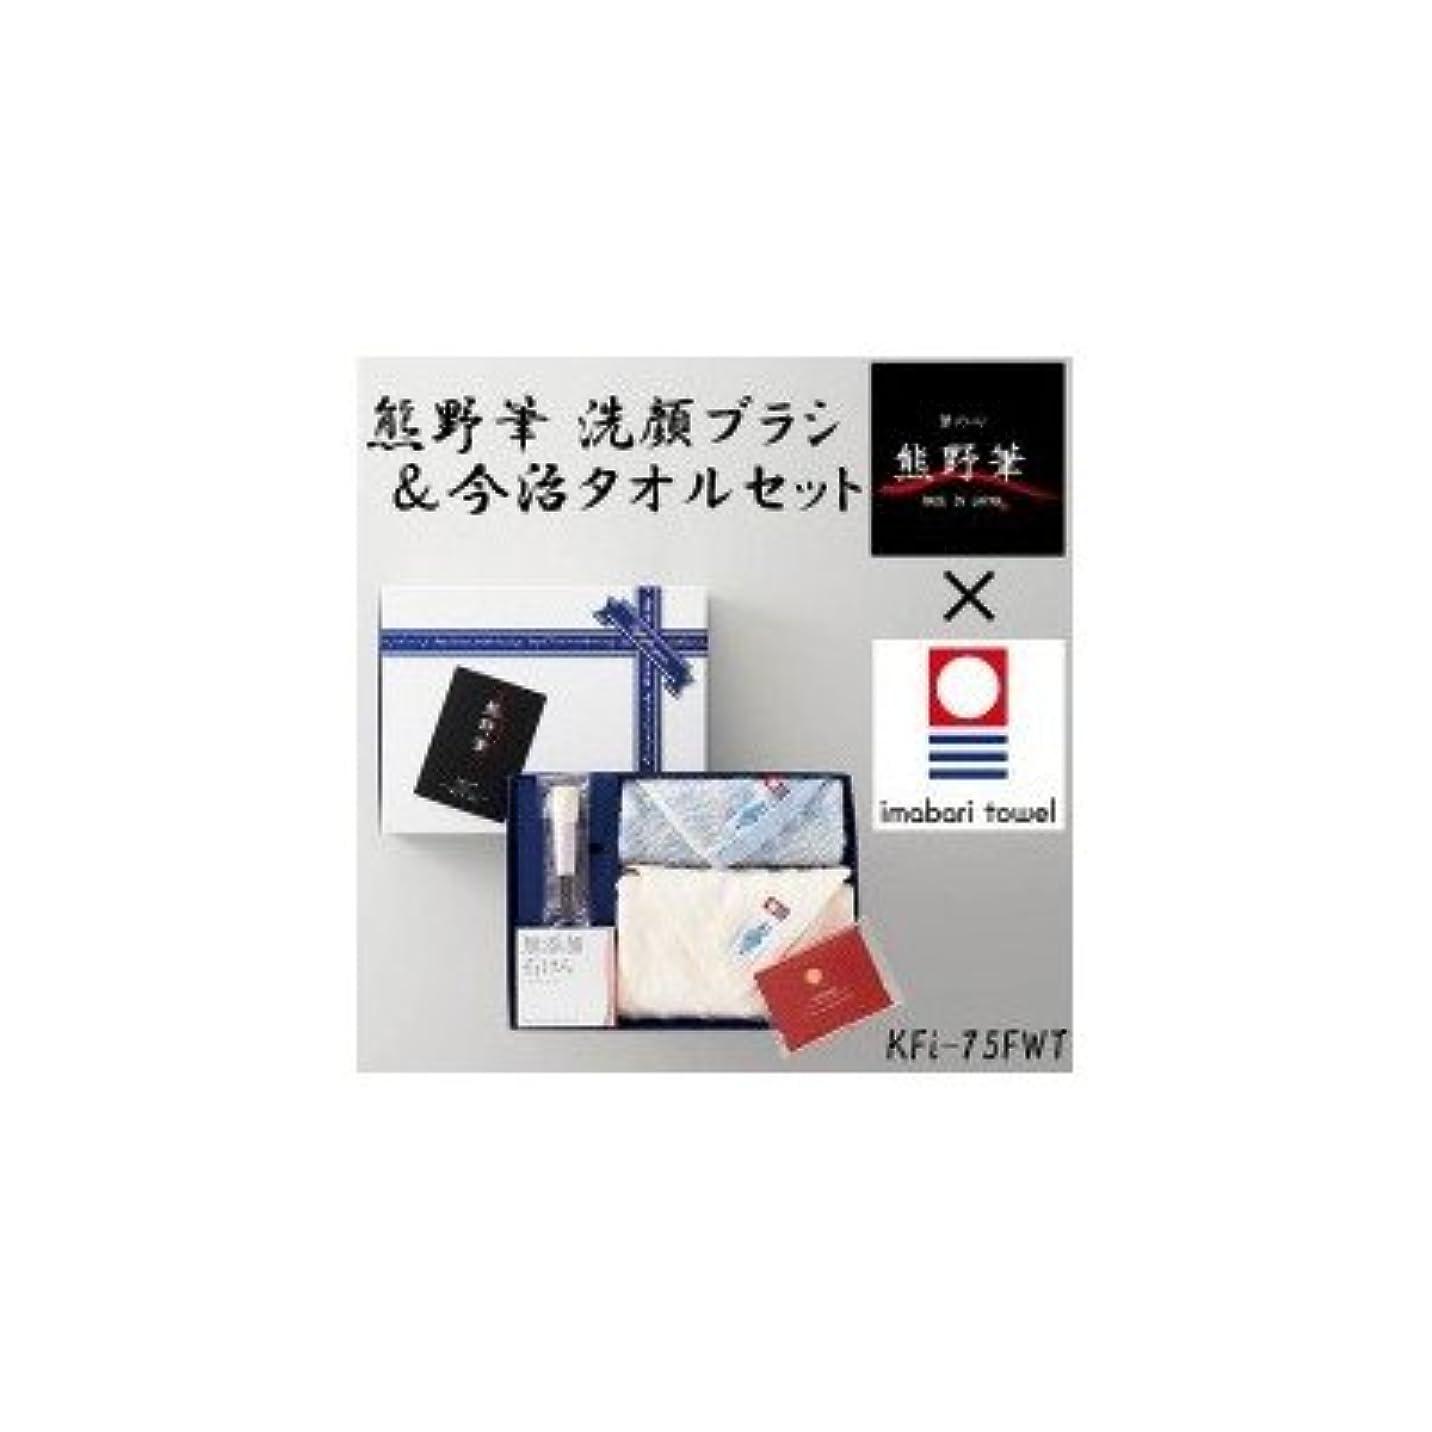 プレゼン抑止する初期の熊野筆と今治タオルのコラボレーション 熊野筆 洗顔ブラシ&今治タオルセット KFi-75FWT